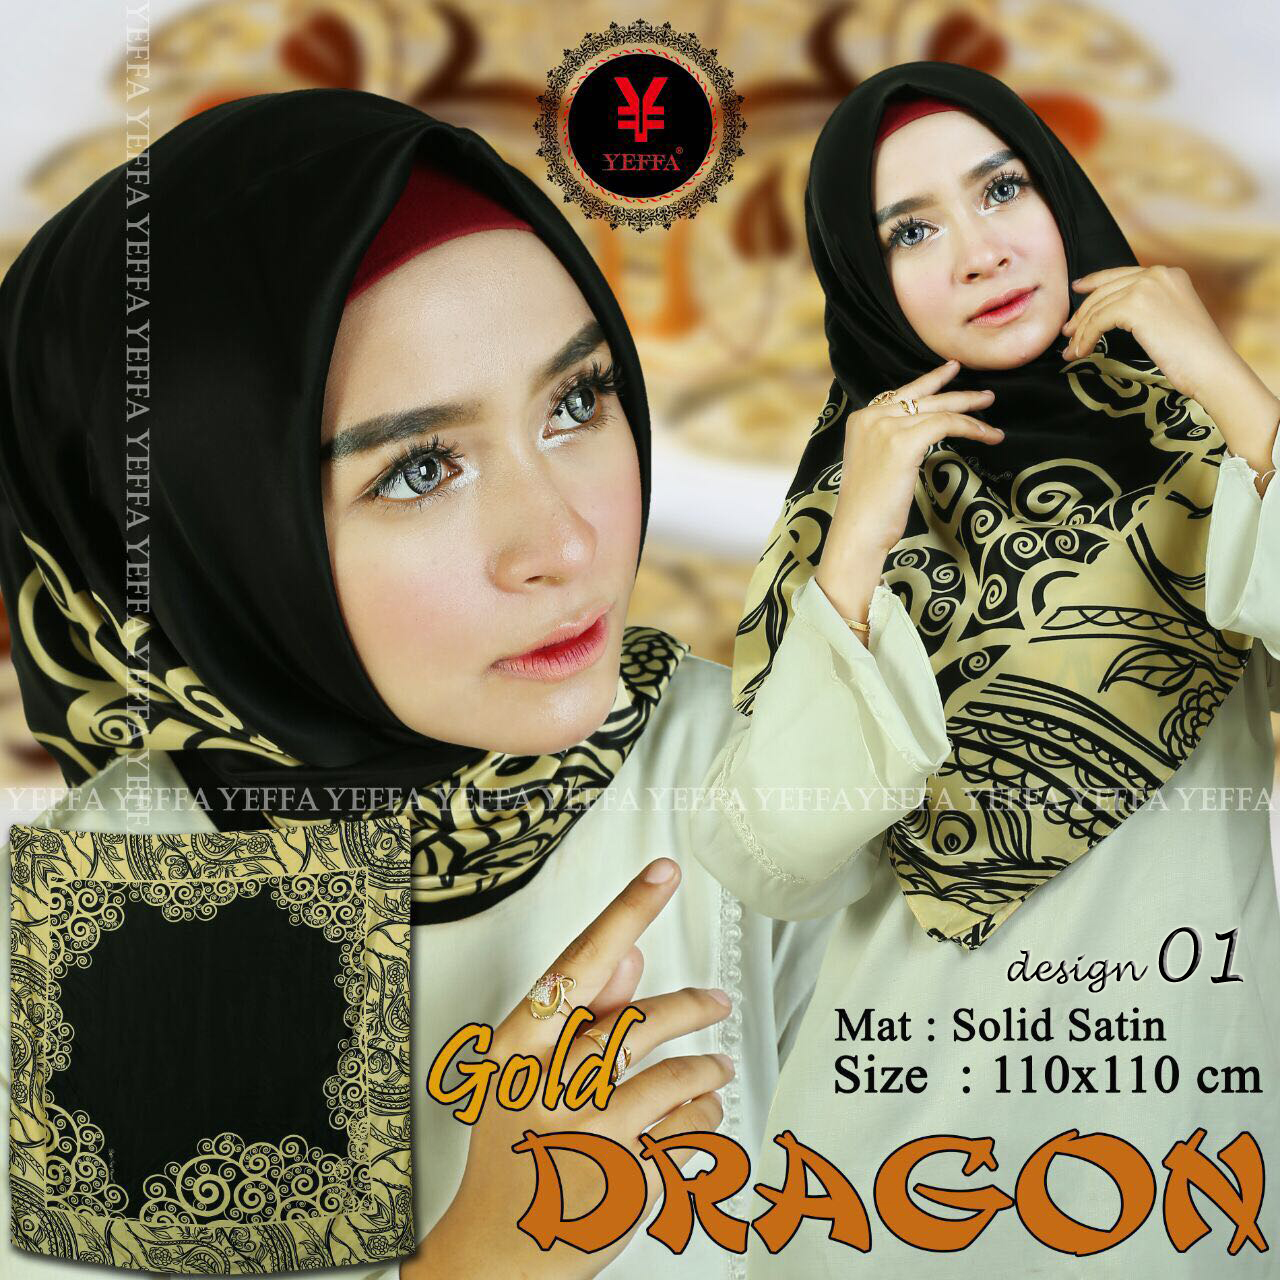 Gold Dragon 01 SG Jilbab by YEFFA